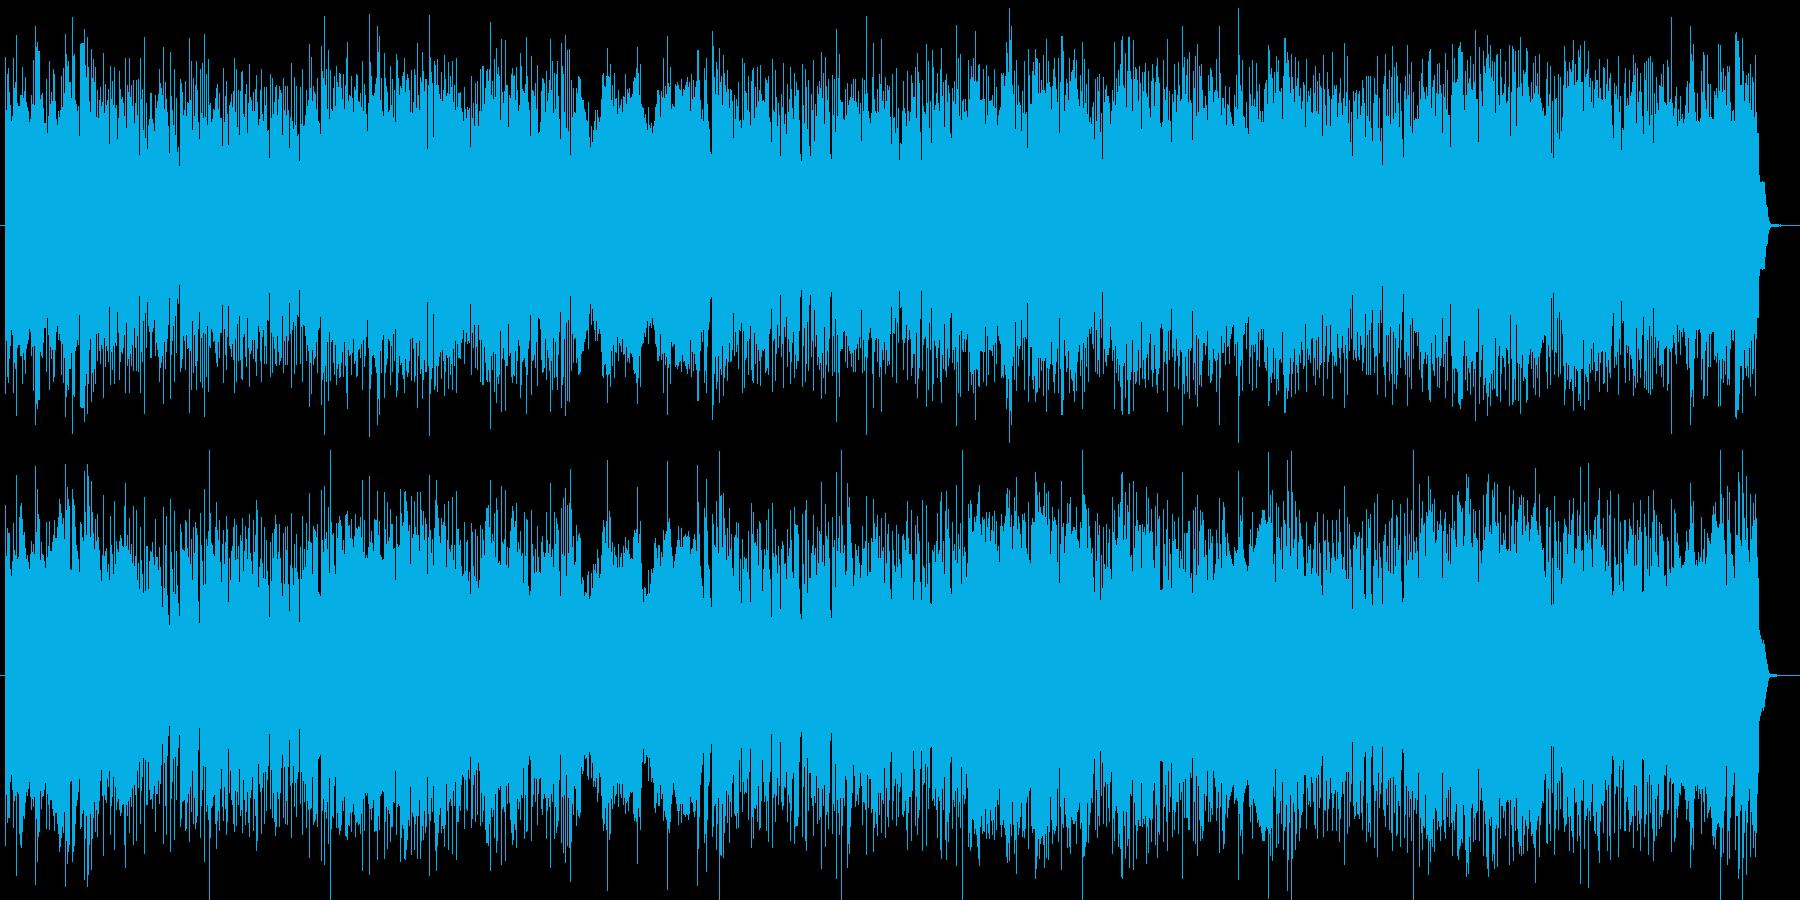 闘志みなぎる情熱のロックピアノサウンドの再生済みの波形